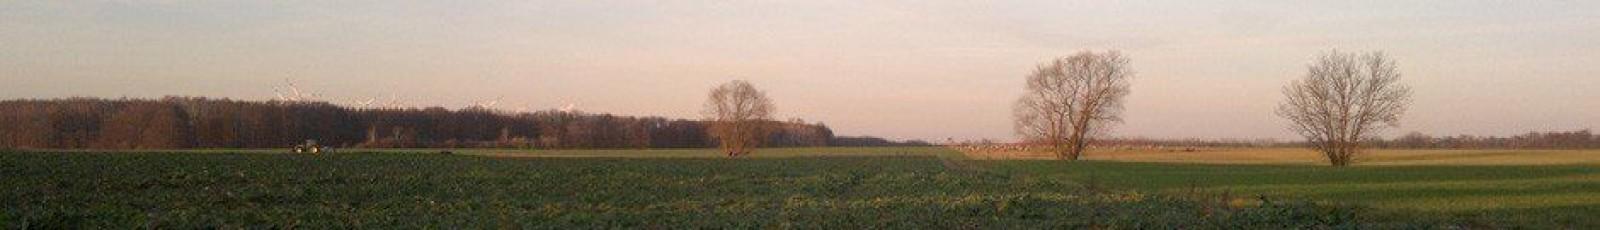 Blog-Bild Frühling 3